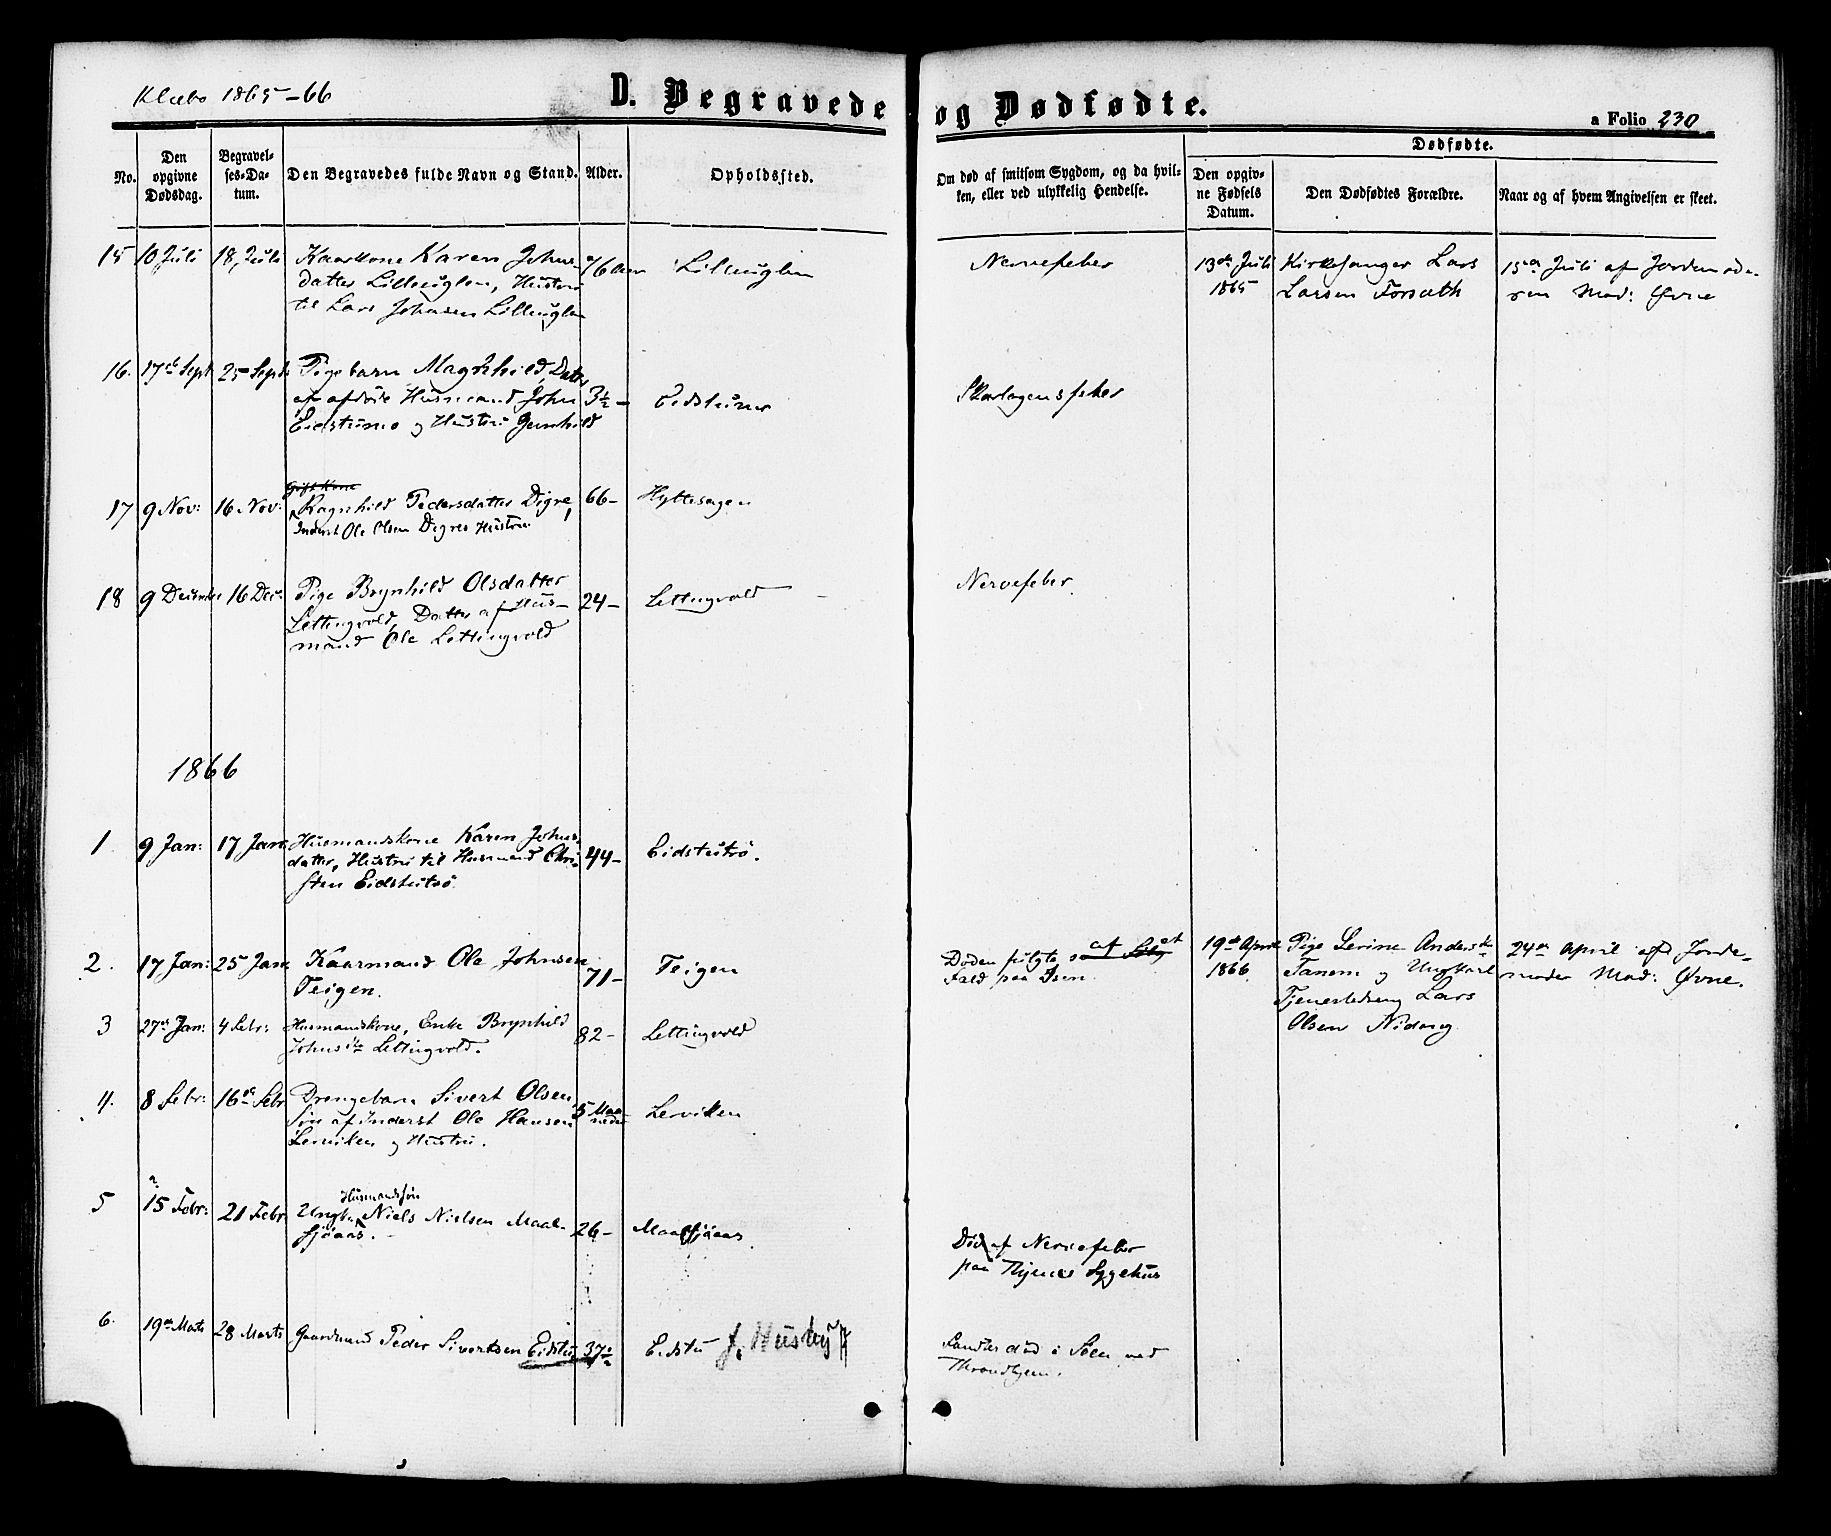 SAT, Ministerialprotokoller, klokkerbøker og fødselsregistre - Sør-Trøndelag, 618/L0442: Ministerialbok nr. 618A06 /1, 1863-1879, s. 230